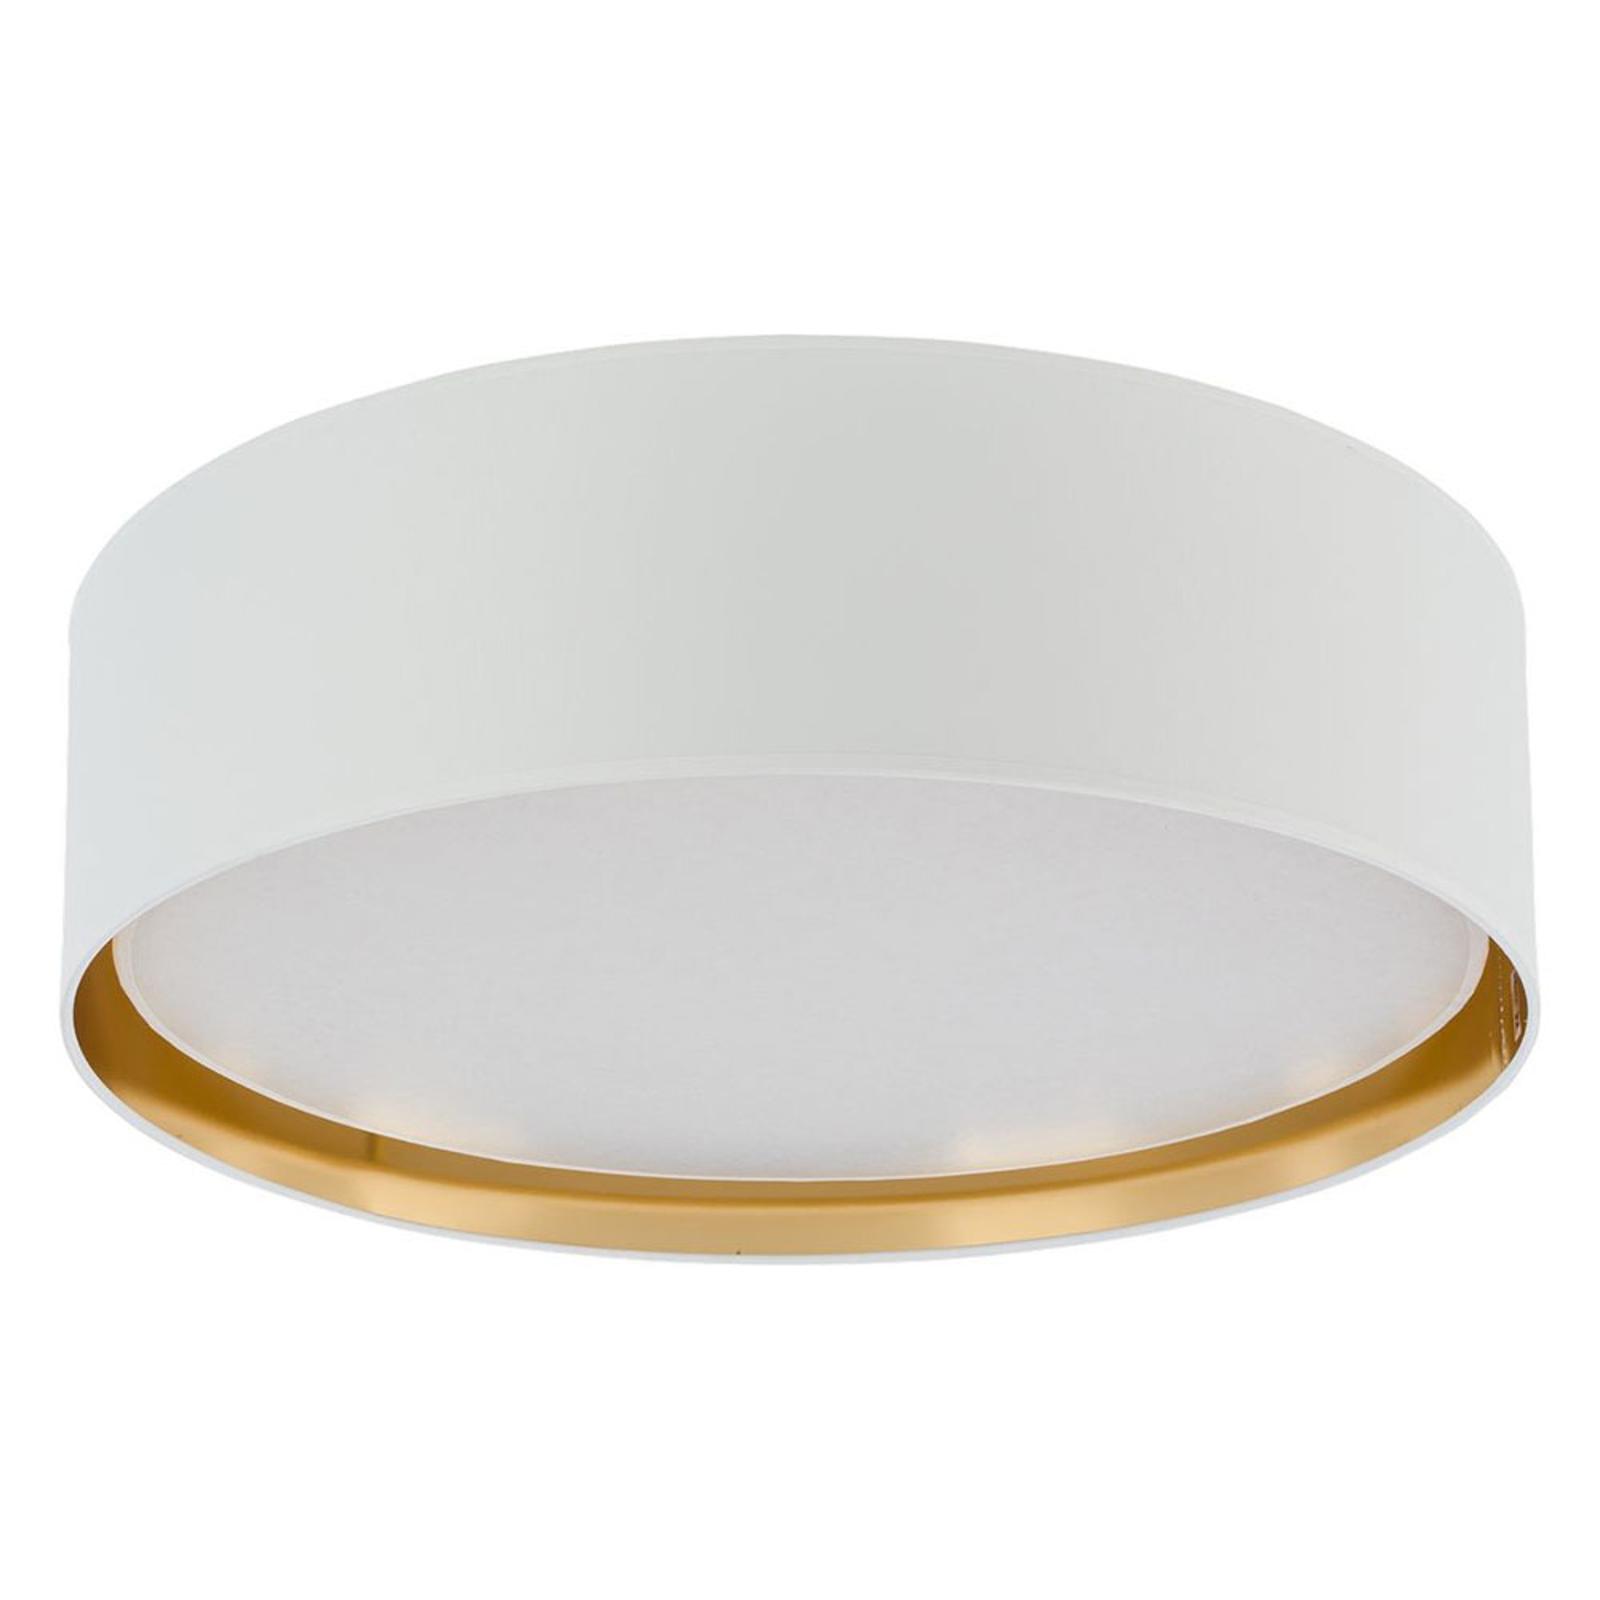 Lampa sufitowa Bilbao, Ø 60cm, biała/złota